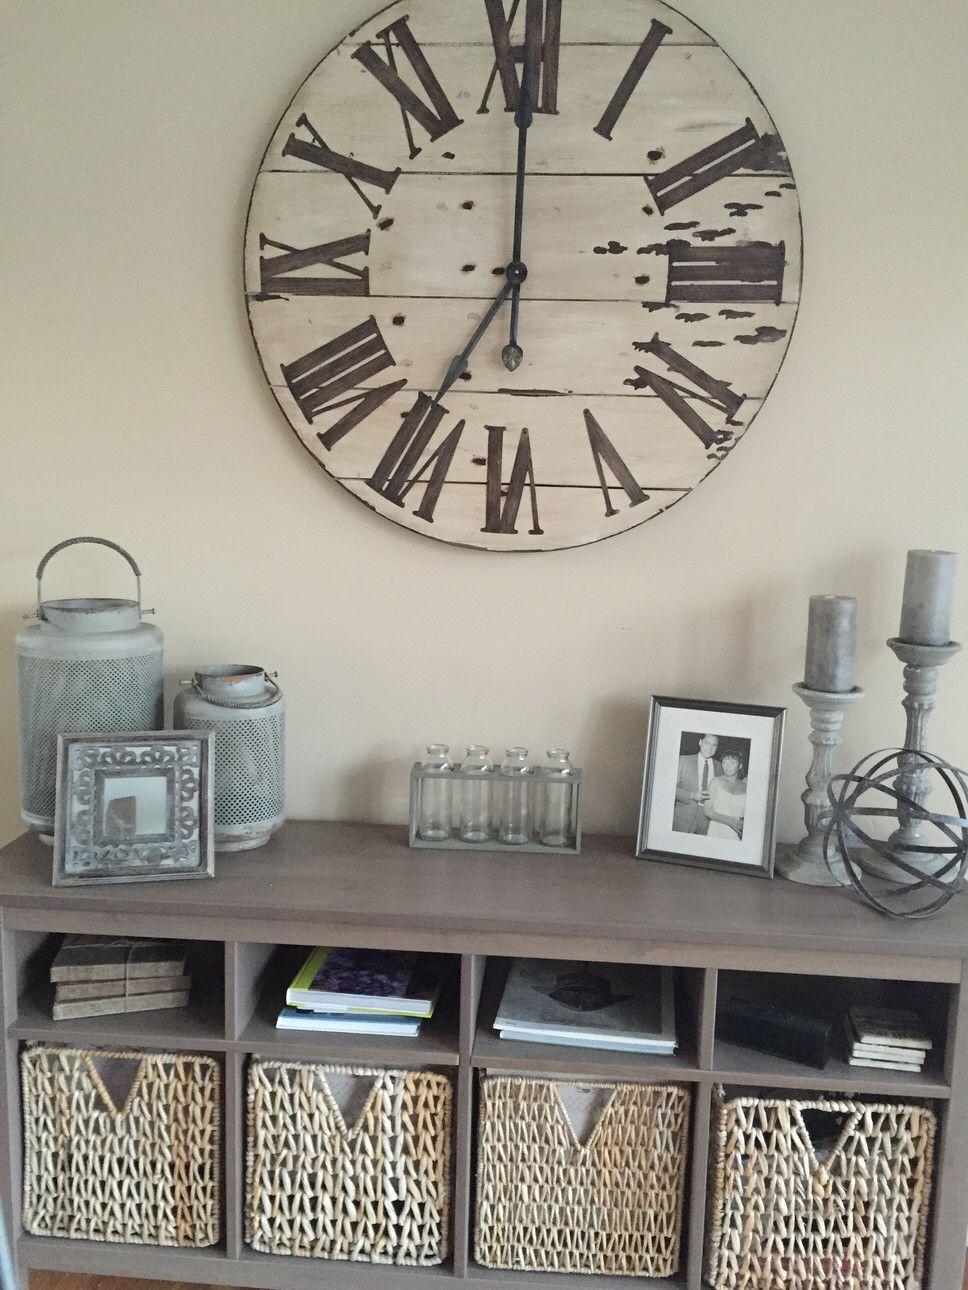 Harrington Oversized 36 Wall Clock Decor Wall Decor Living